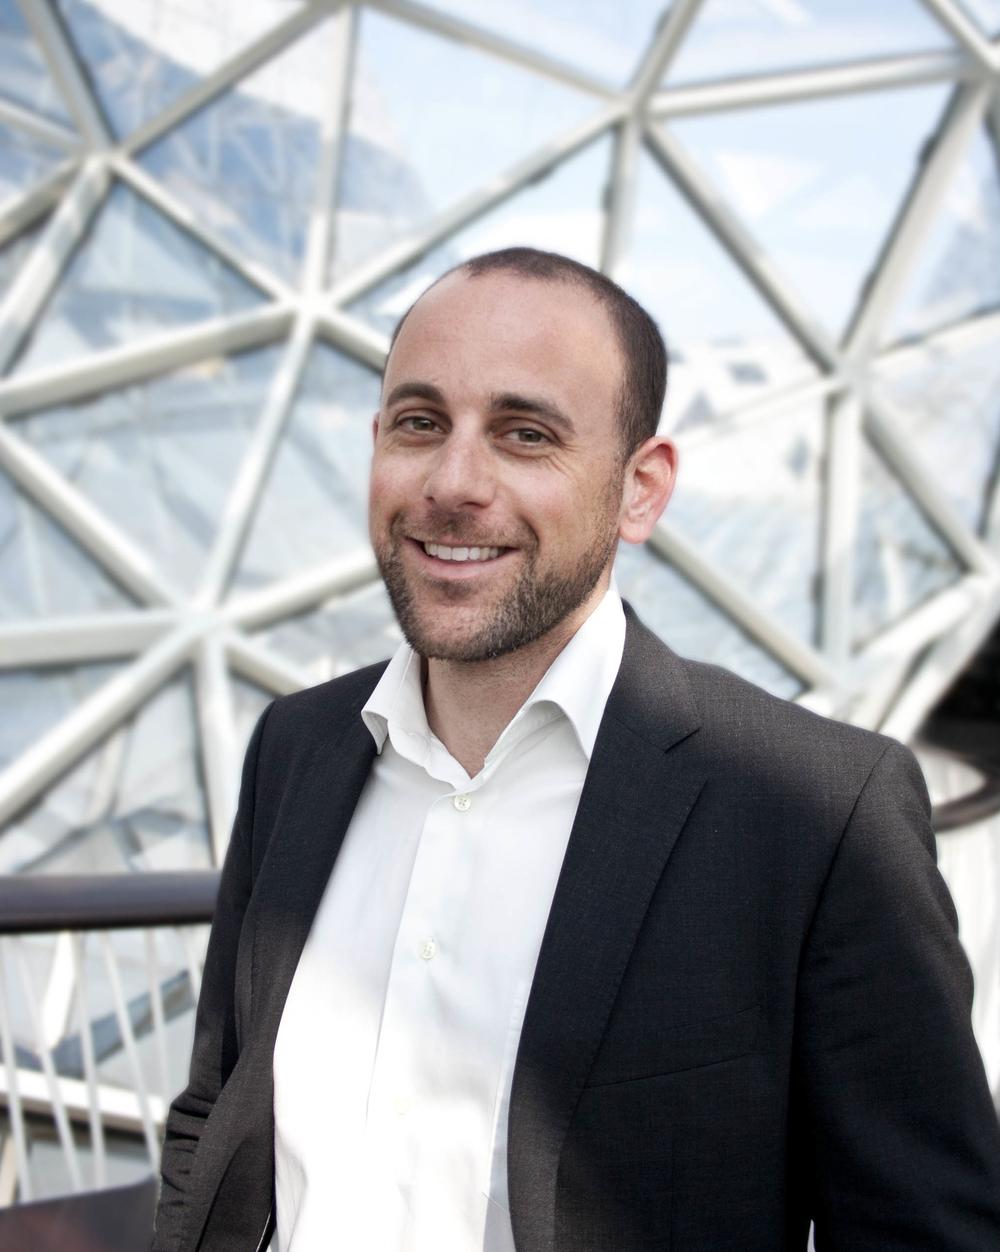 Dr. Christian Alexander Bauer Rechtsanwalt / Lawyer